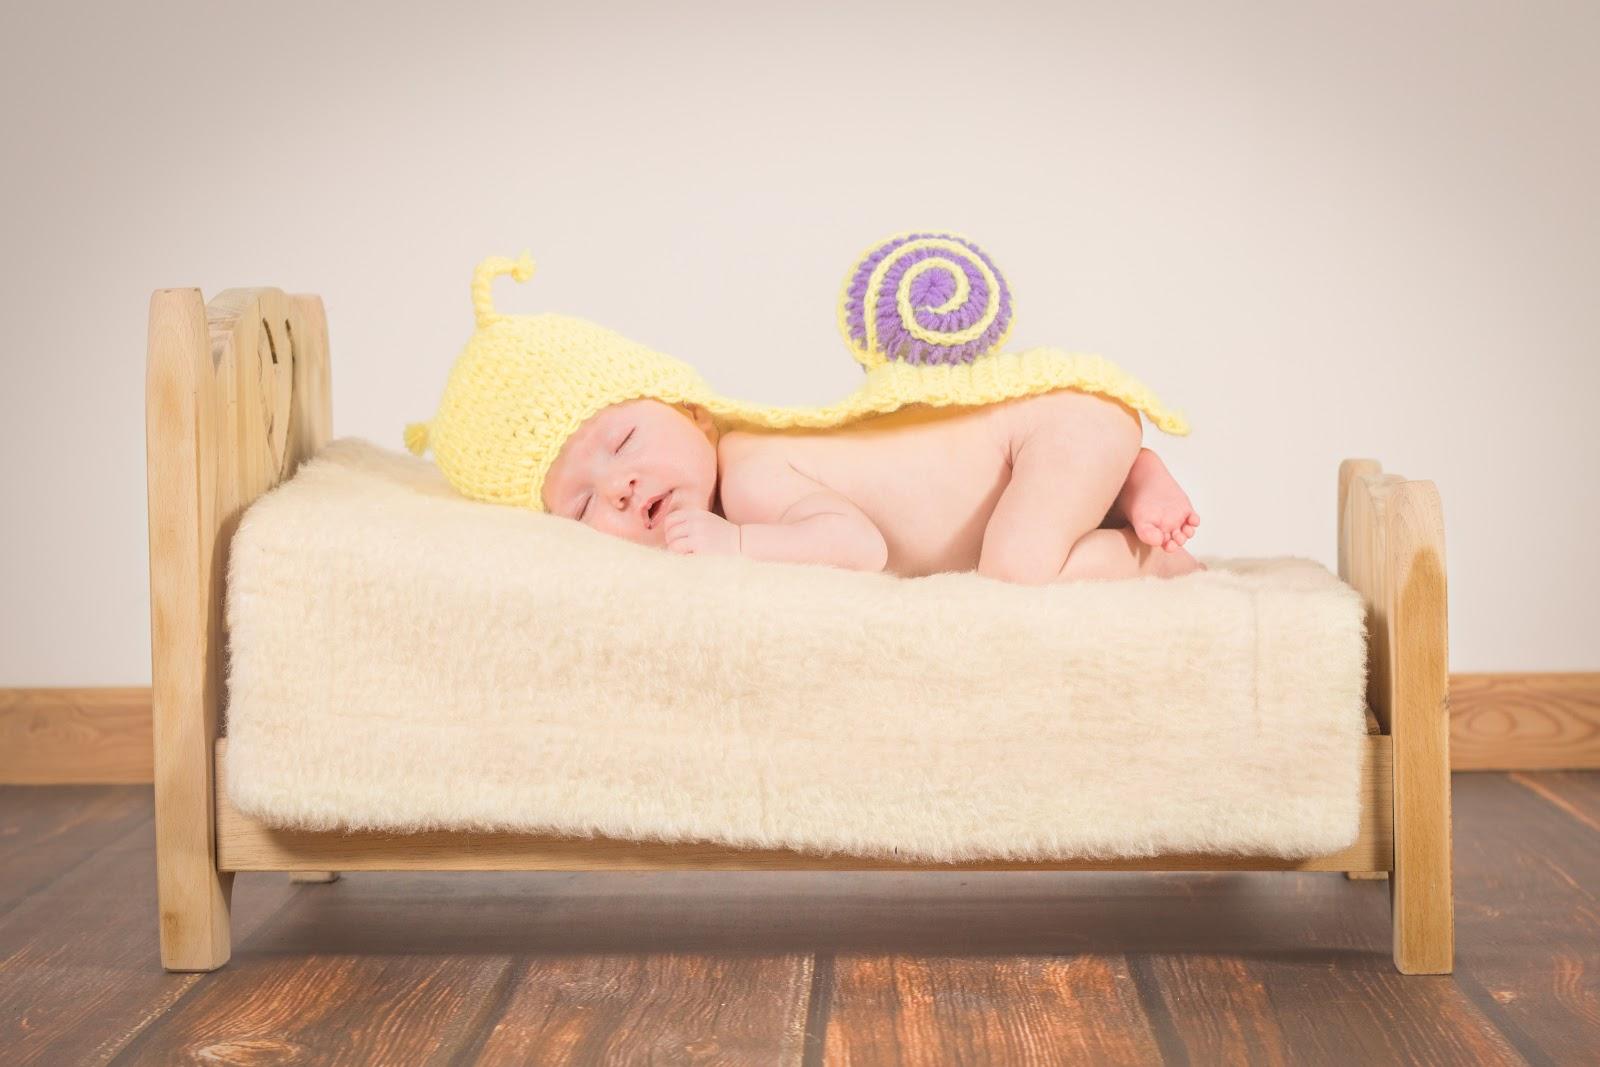 czasy czuwania, czas aktywności niemowlęcia, problemy ze snem niemowlaka, problemy z drzemkami, problemy z zasypianiem, ile wynosi czas czuwania niemowlaka, kiedy kłaść niemowlę spać, niemowlę nie chce spać, niemowlę nie może zasnąć